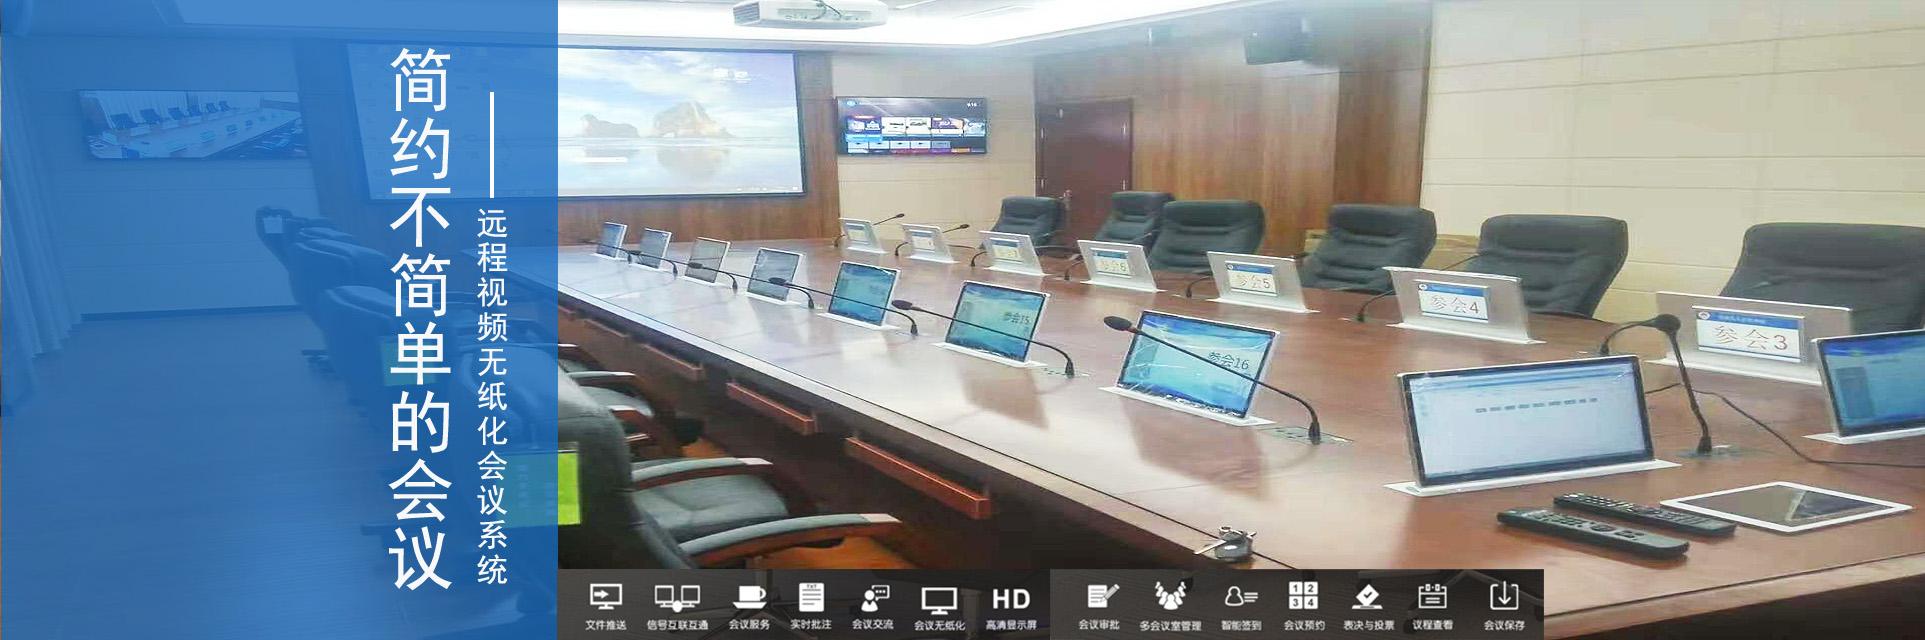 远程视频无纸化会议系统方案